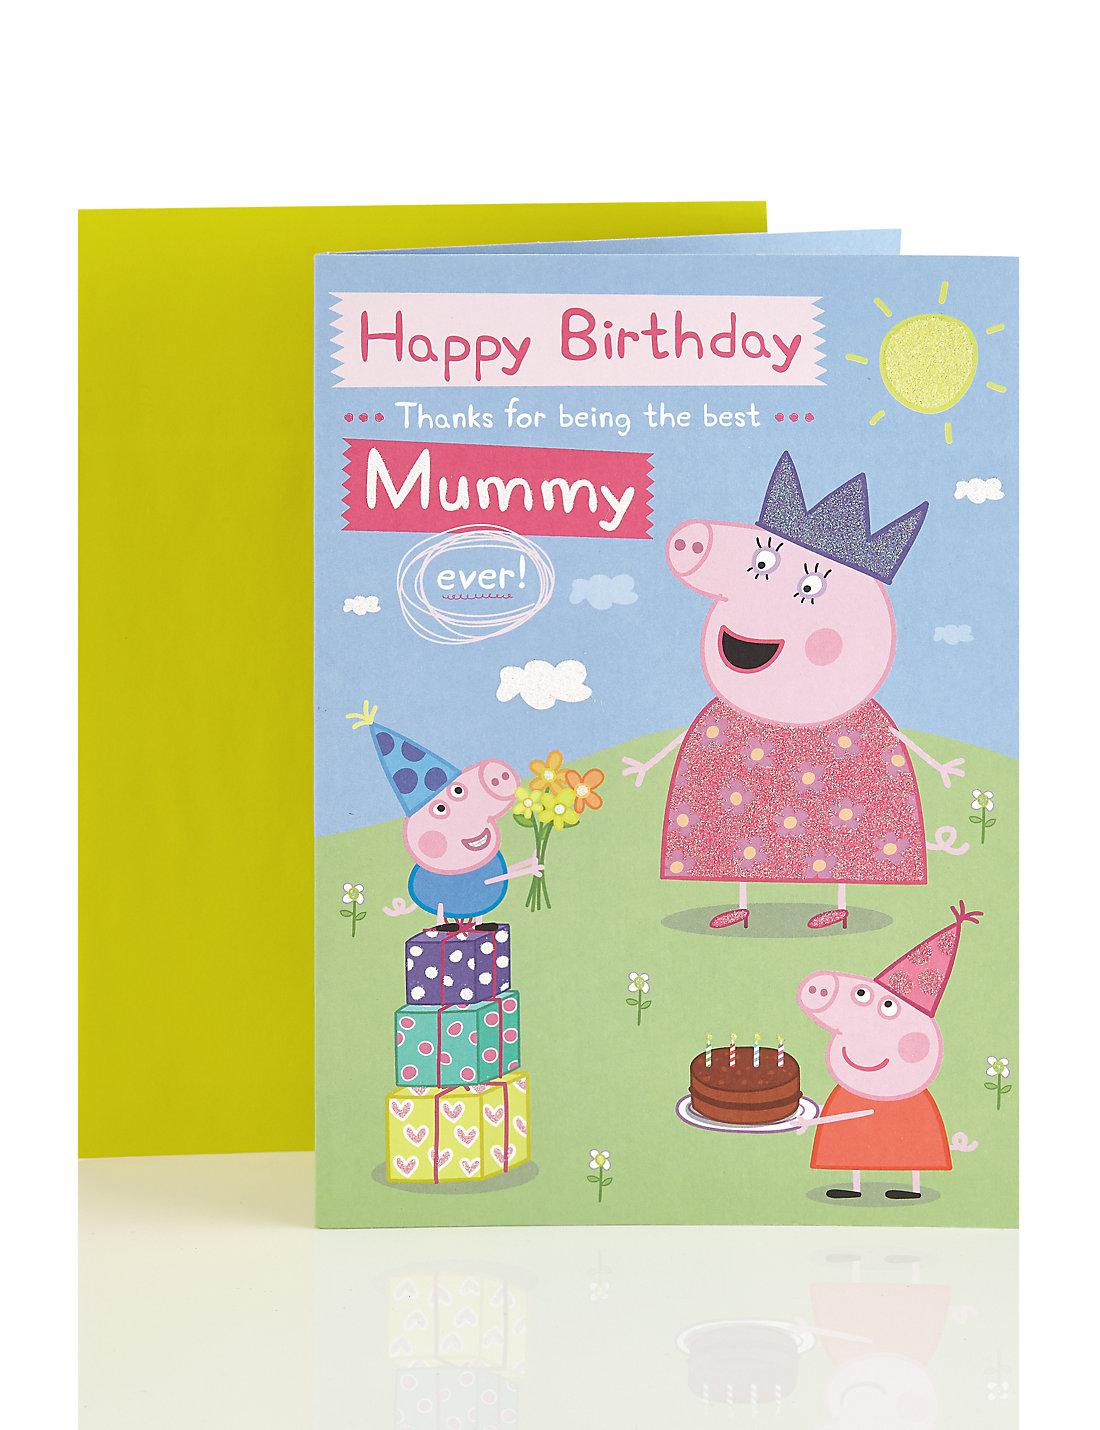 Peppa Pig Mummy Happy Birthday Card – Mummy Birthday Card